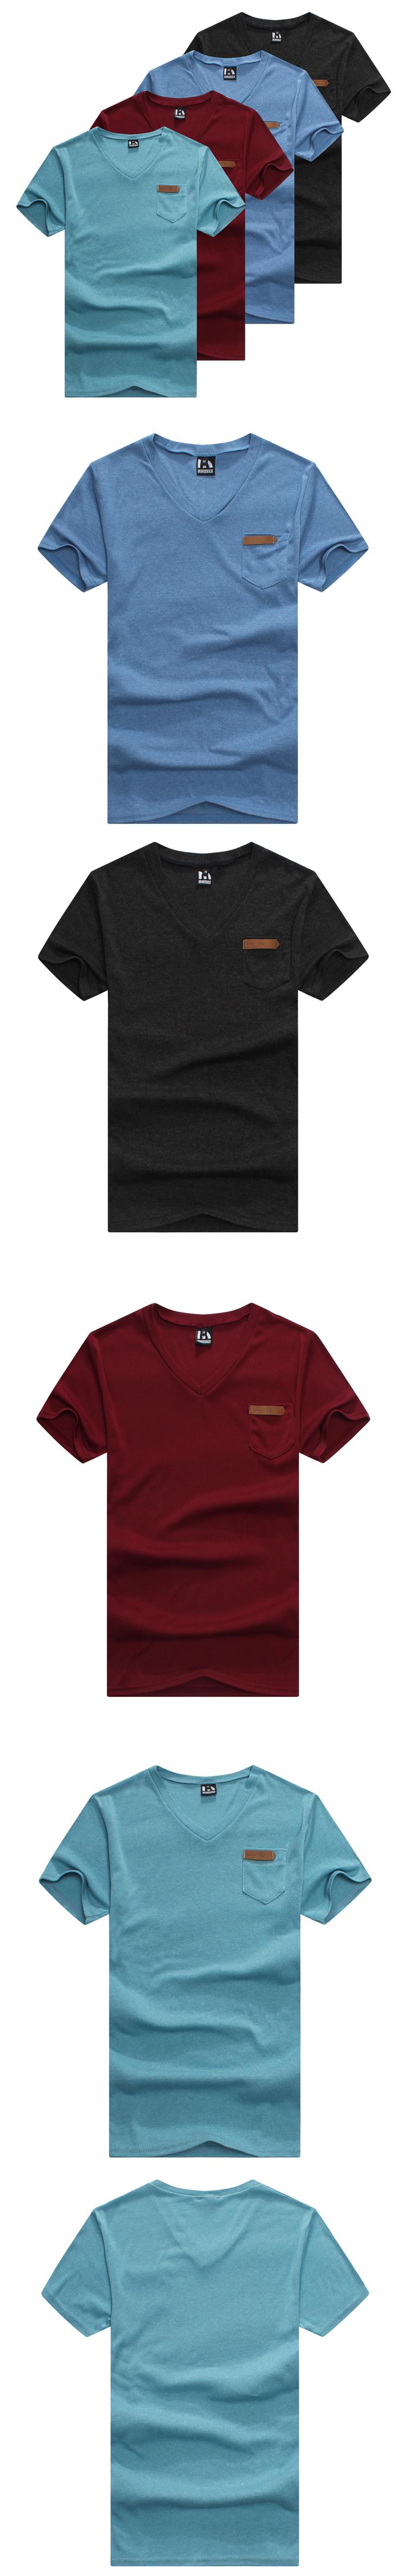 T恤.潮T.Tshirt 情侶裝.情侶T恤.自我風格.皮標小口袋V領T【M4114】艾咪E舖.班服